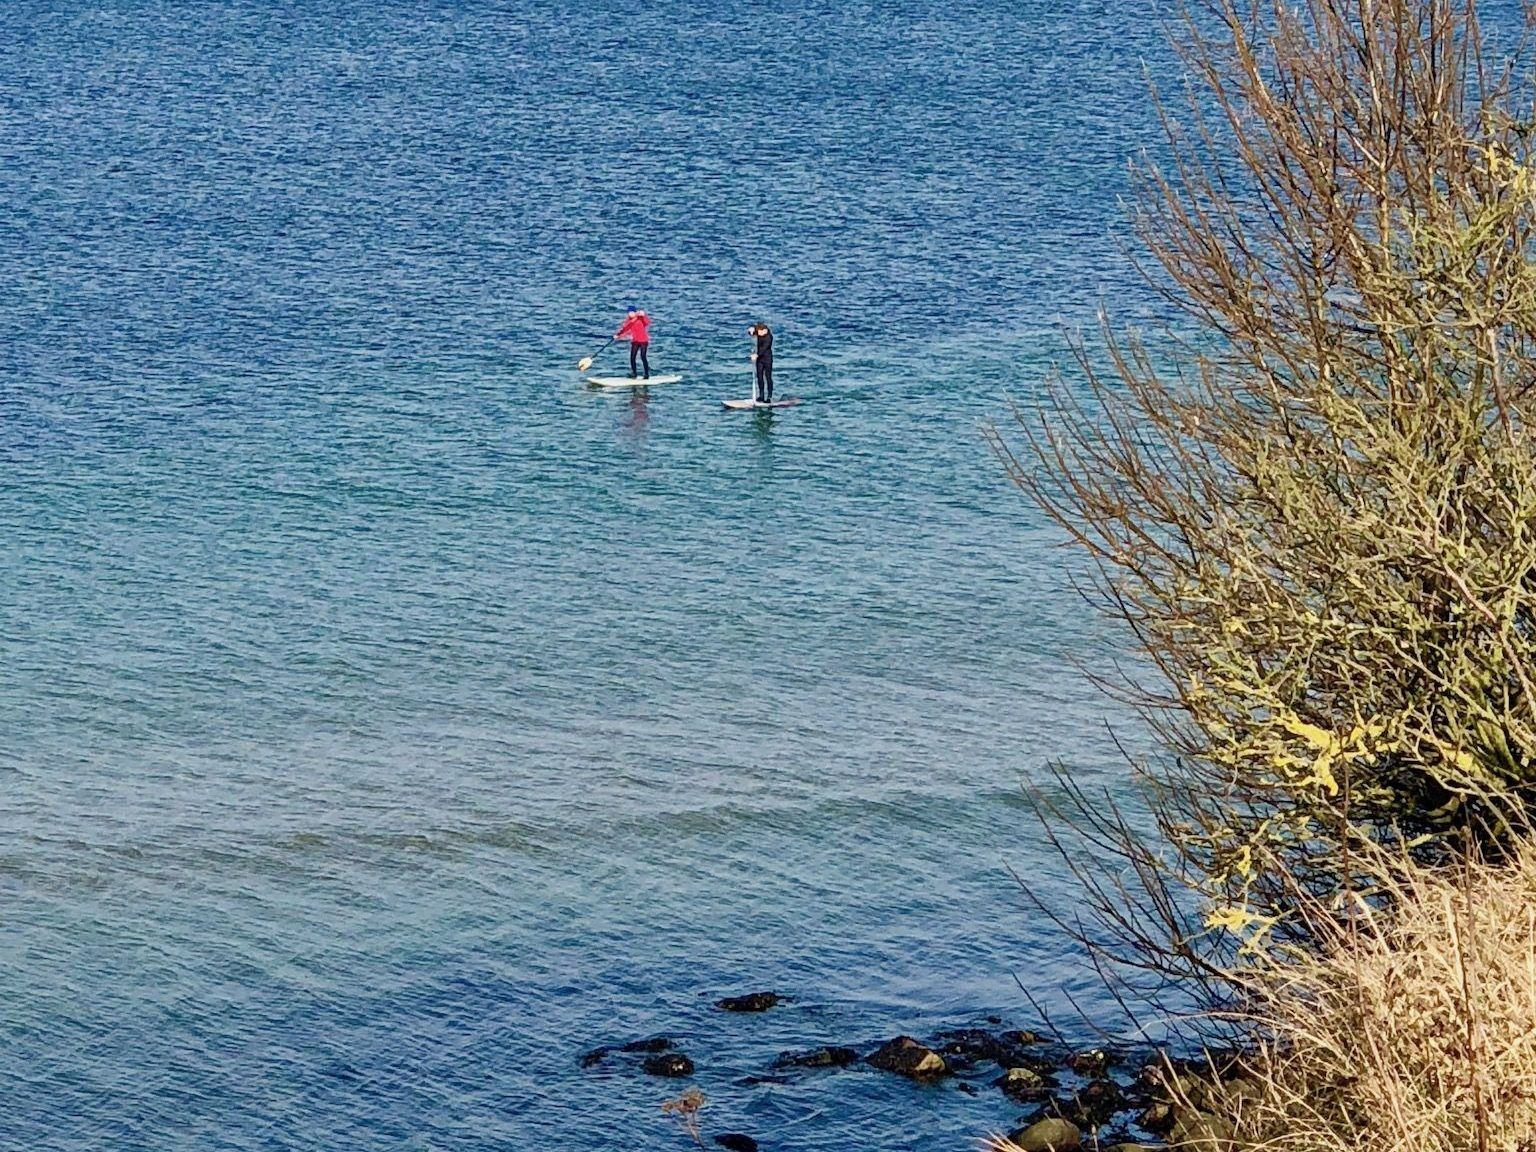 SUP im Winter: Zwei Stand Up Paddler sind im Februar auf der 4 Grad kalten Ostsee unterwegs. Foto: Sascha Tegtmeyer